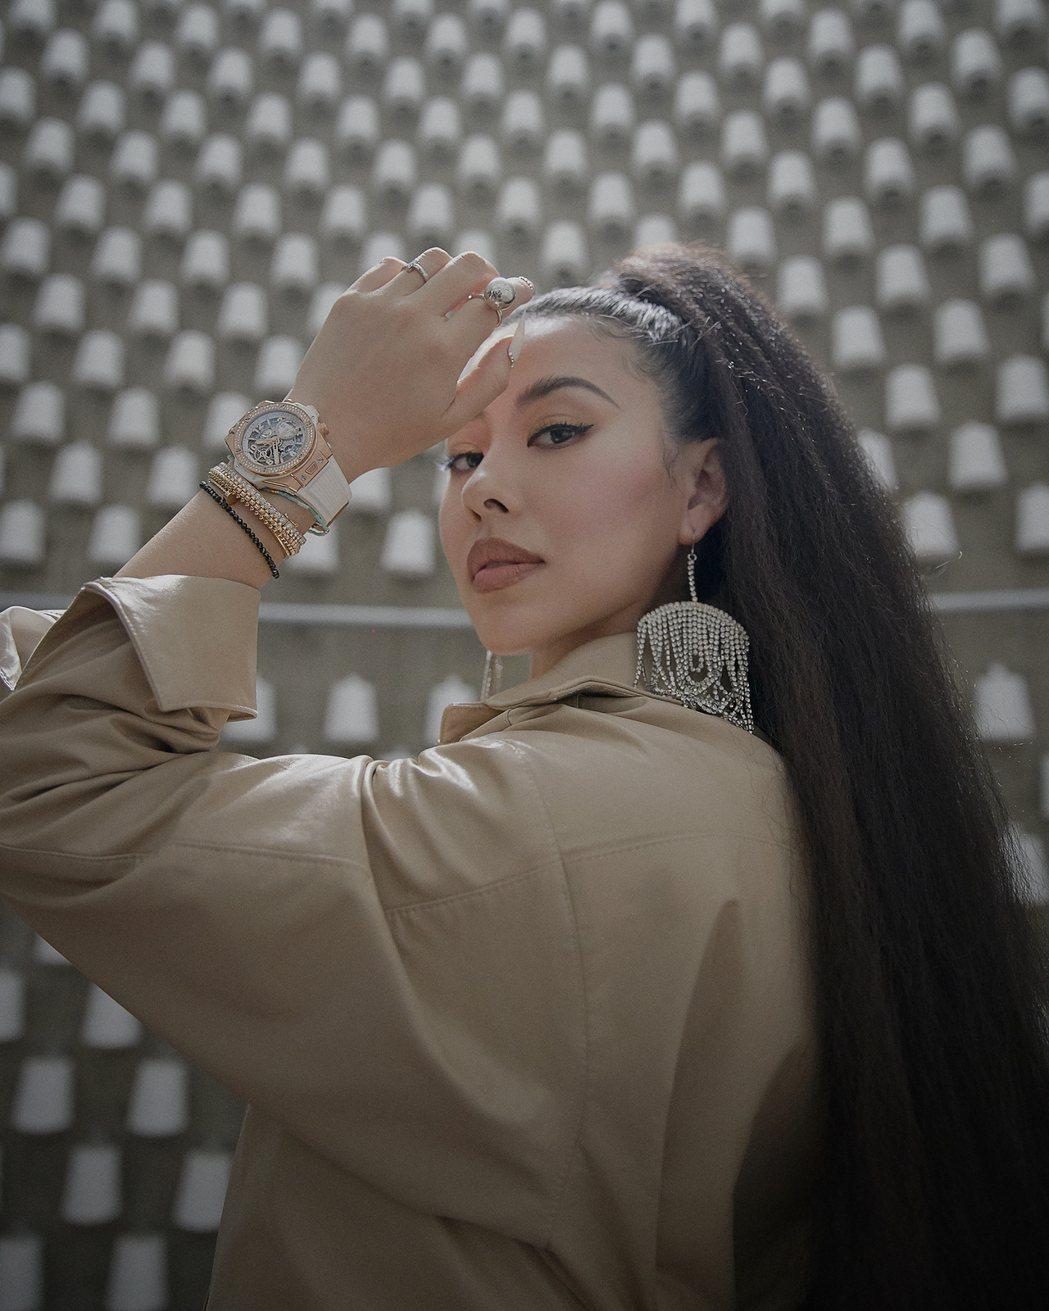 蔡詩芸闊別5年,推出全新專輯「SKY」。圖/瑩音樂提供